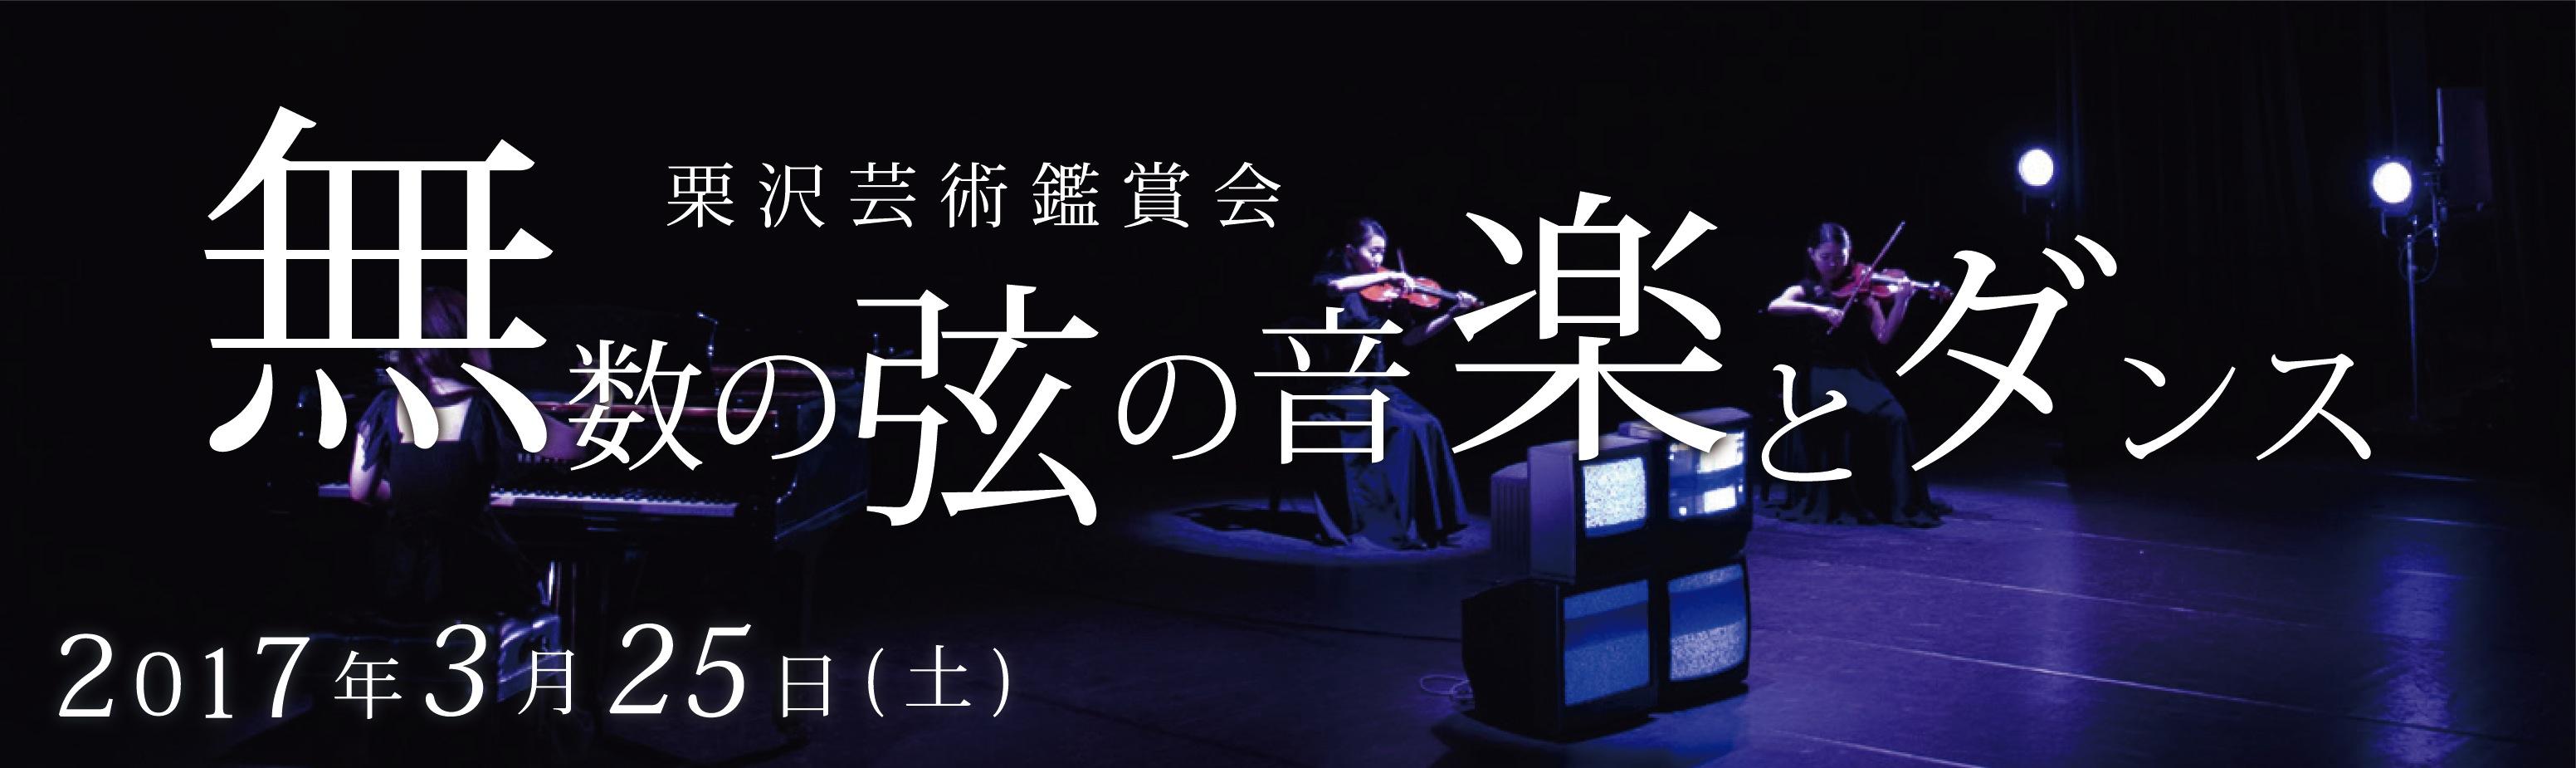 栗沢芸術鑑賞会「無数の弦の音楽とダンス」